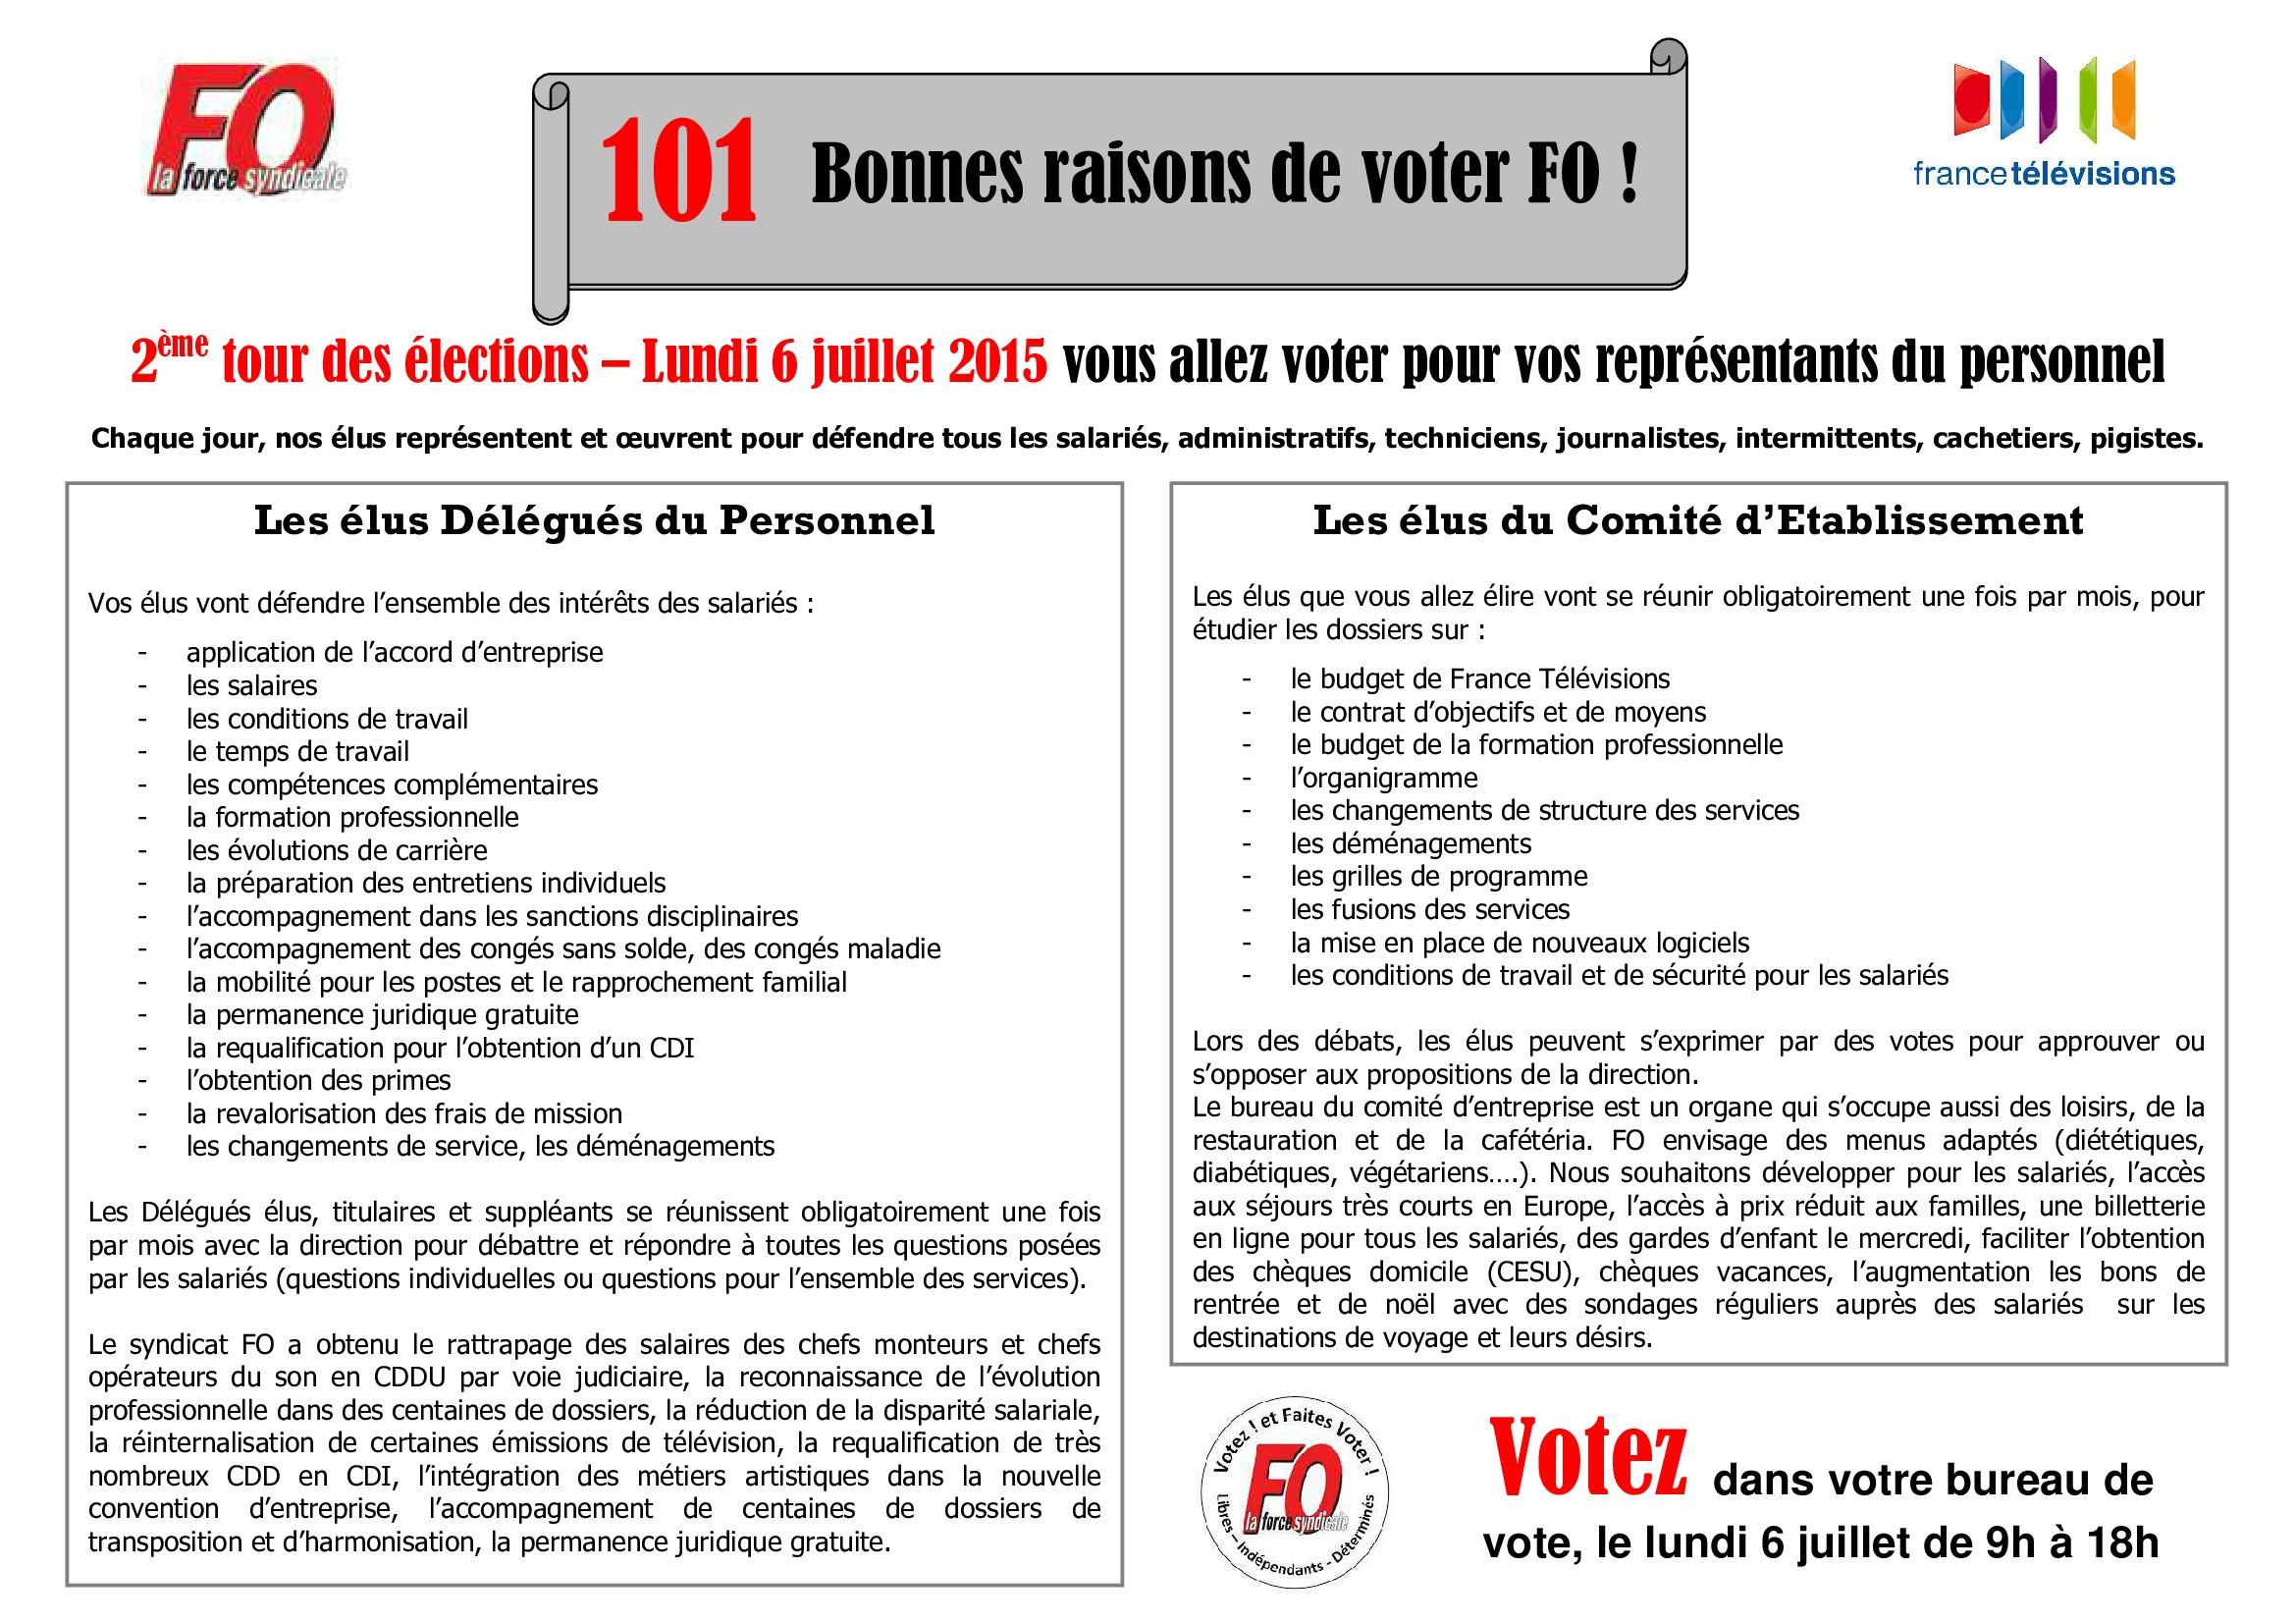 101_bonnes_raisons_de_voter_FO_lundi_6_juillet_201